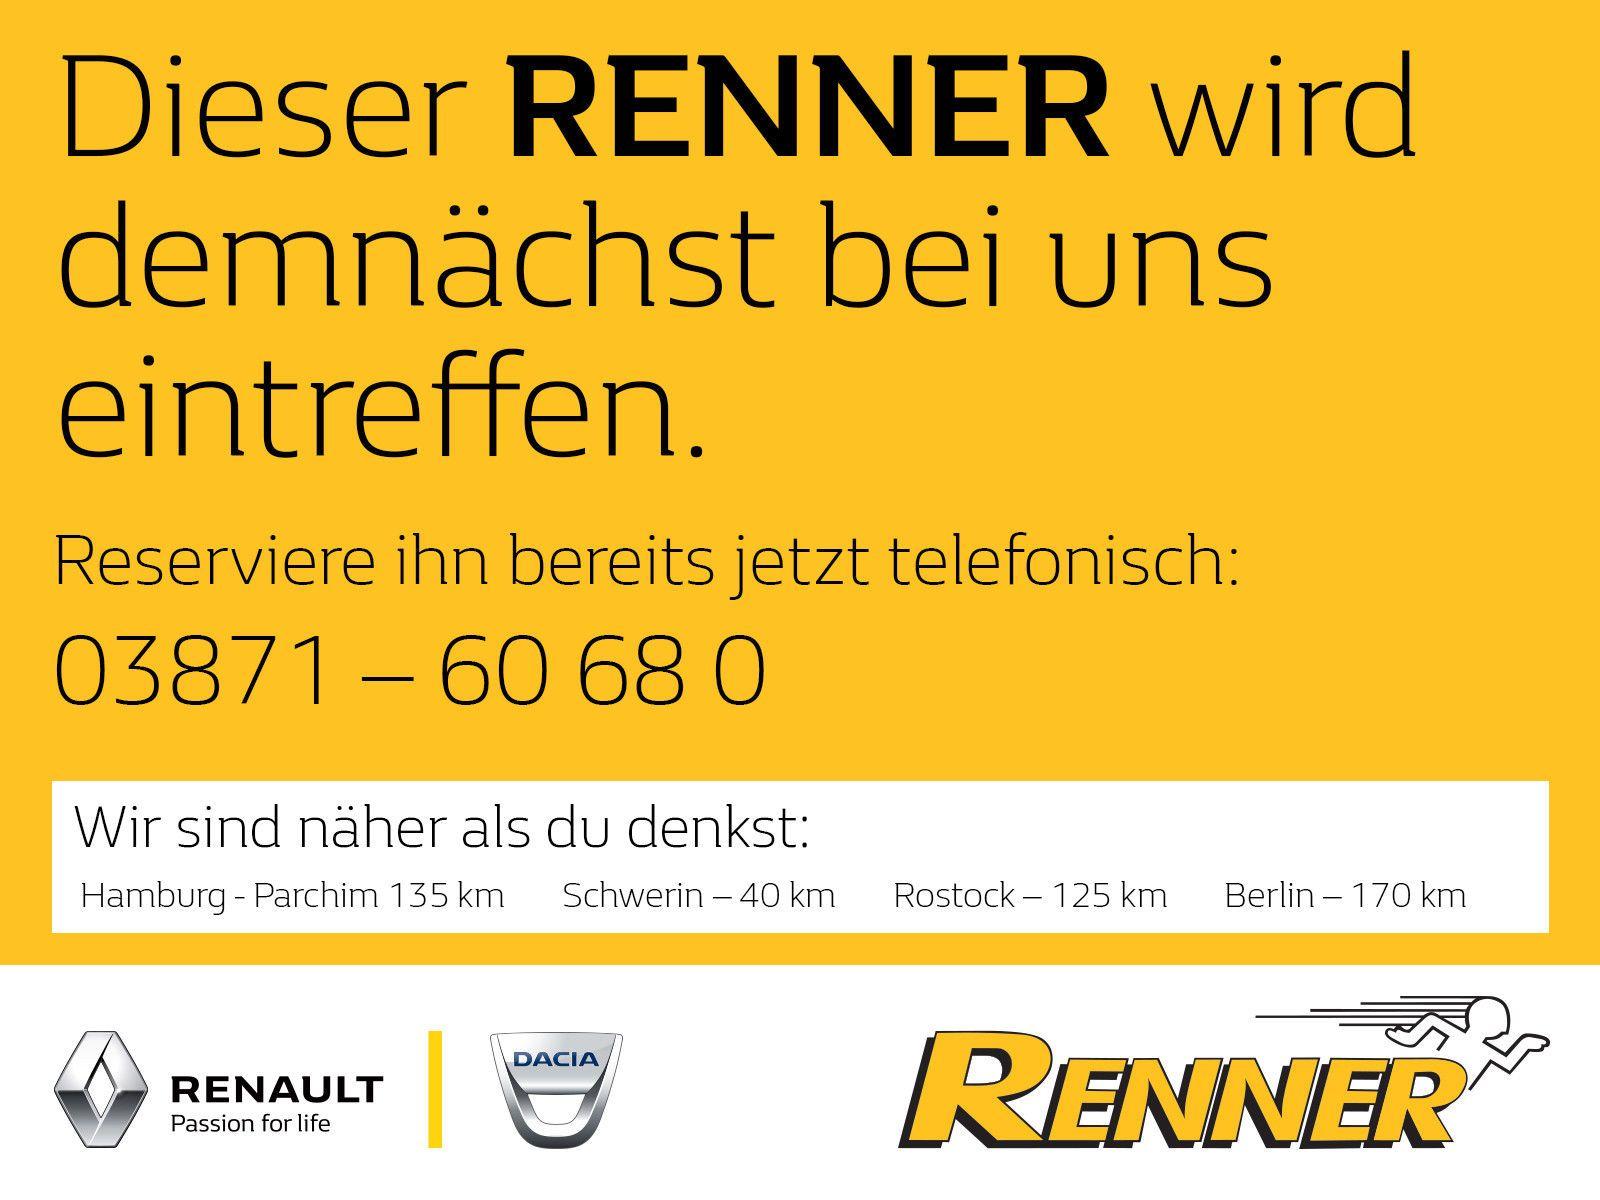 Renault Trafic dCi125 Combi 8-Sitzer Bus *für Familie* | RENNER - Renault und Dacia in Parchim #mercedesamg